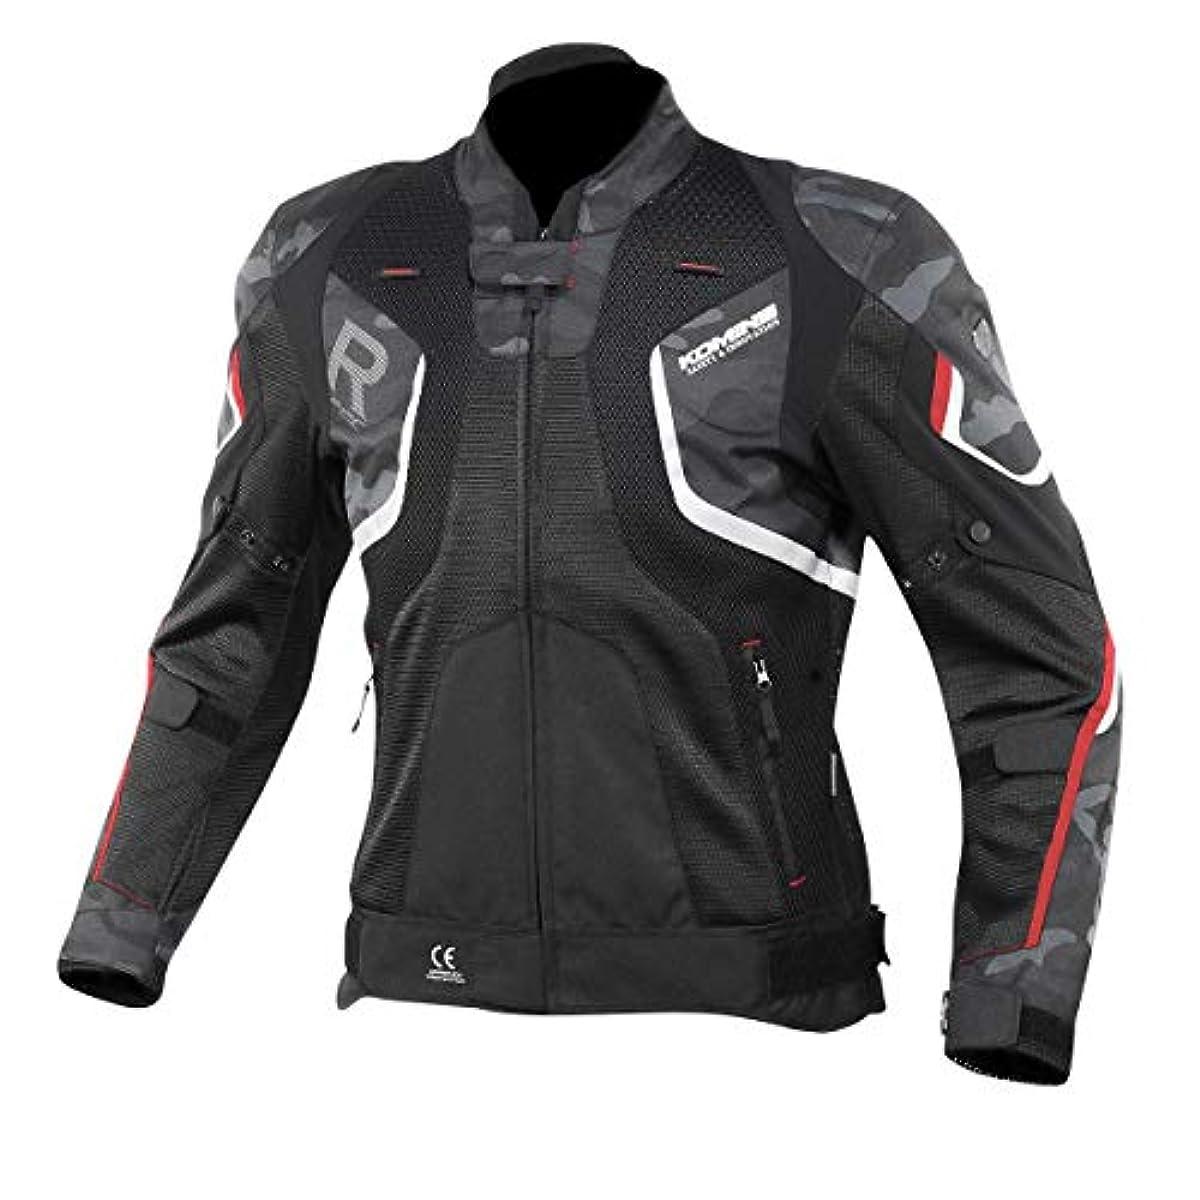 [해외] 코미네 KOMINE 오토바이 R스펙 메쉬 재킷 아우터 프로텍터 통기성 레이싱 봄과 여름 BLACK CAMO/RED XL 07-143 JK-143